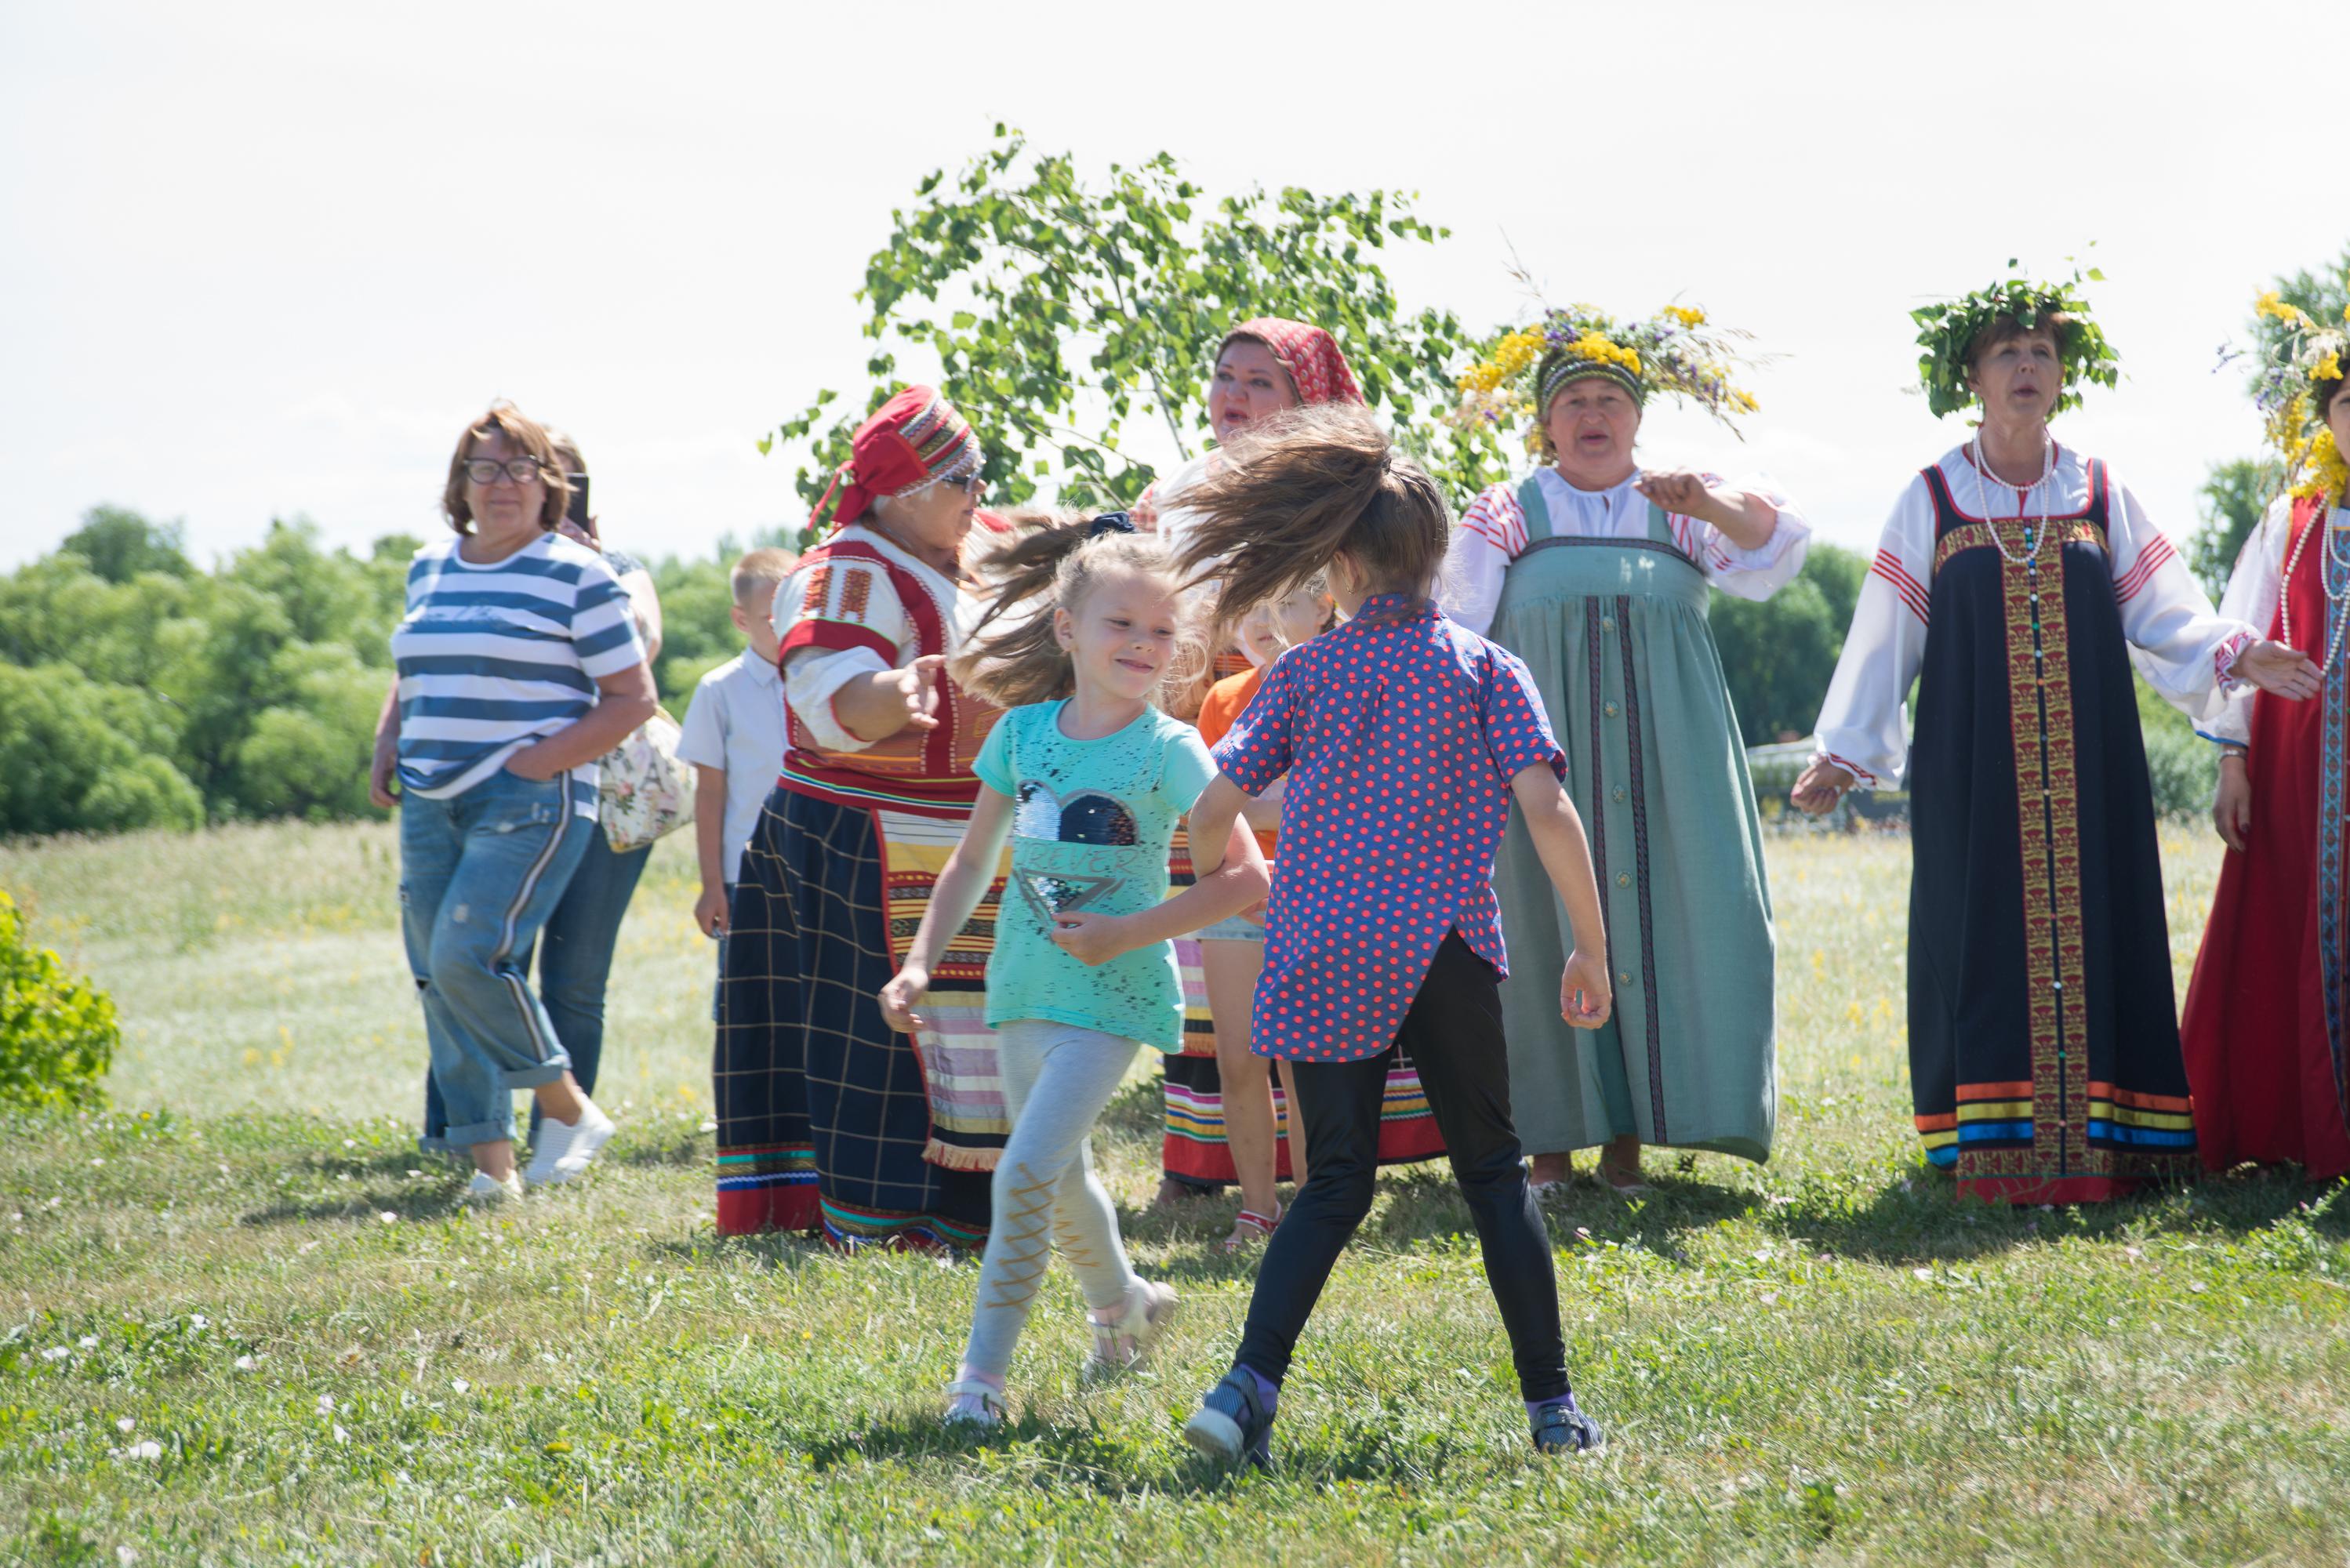 Праздник Троица в «Тарханах» в русских народных традициях с детьми на открытом воздухе